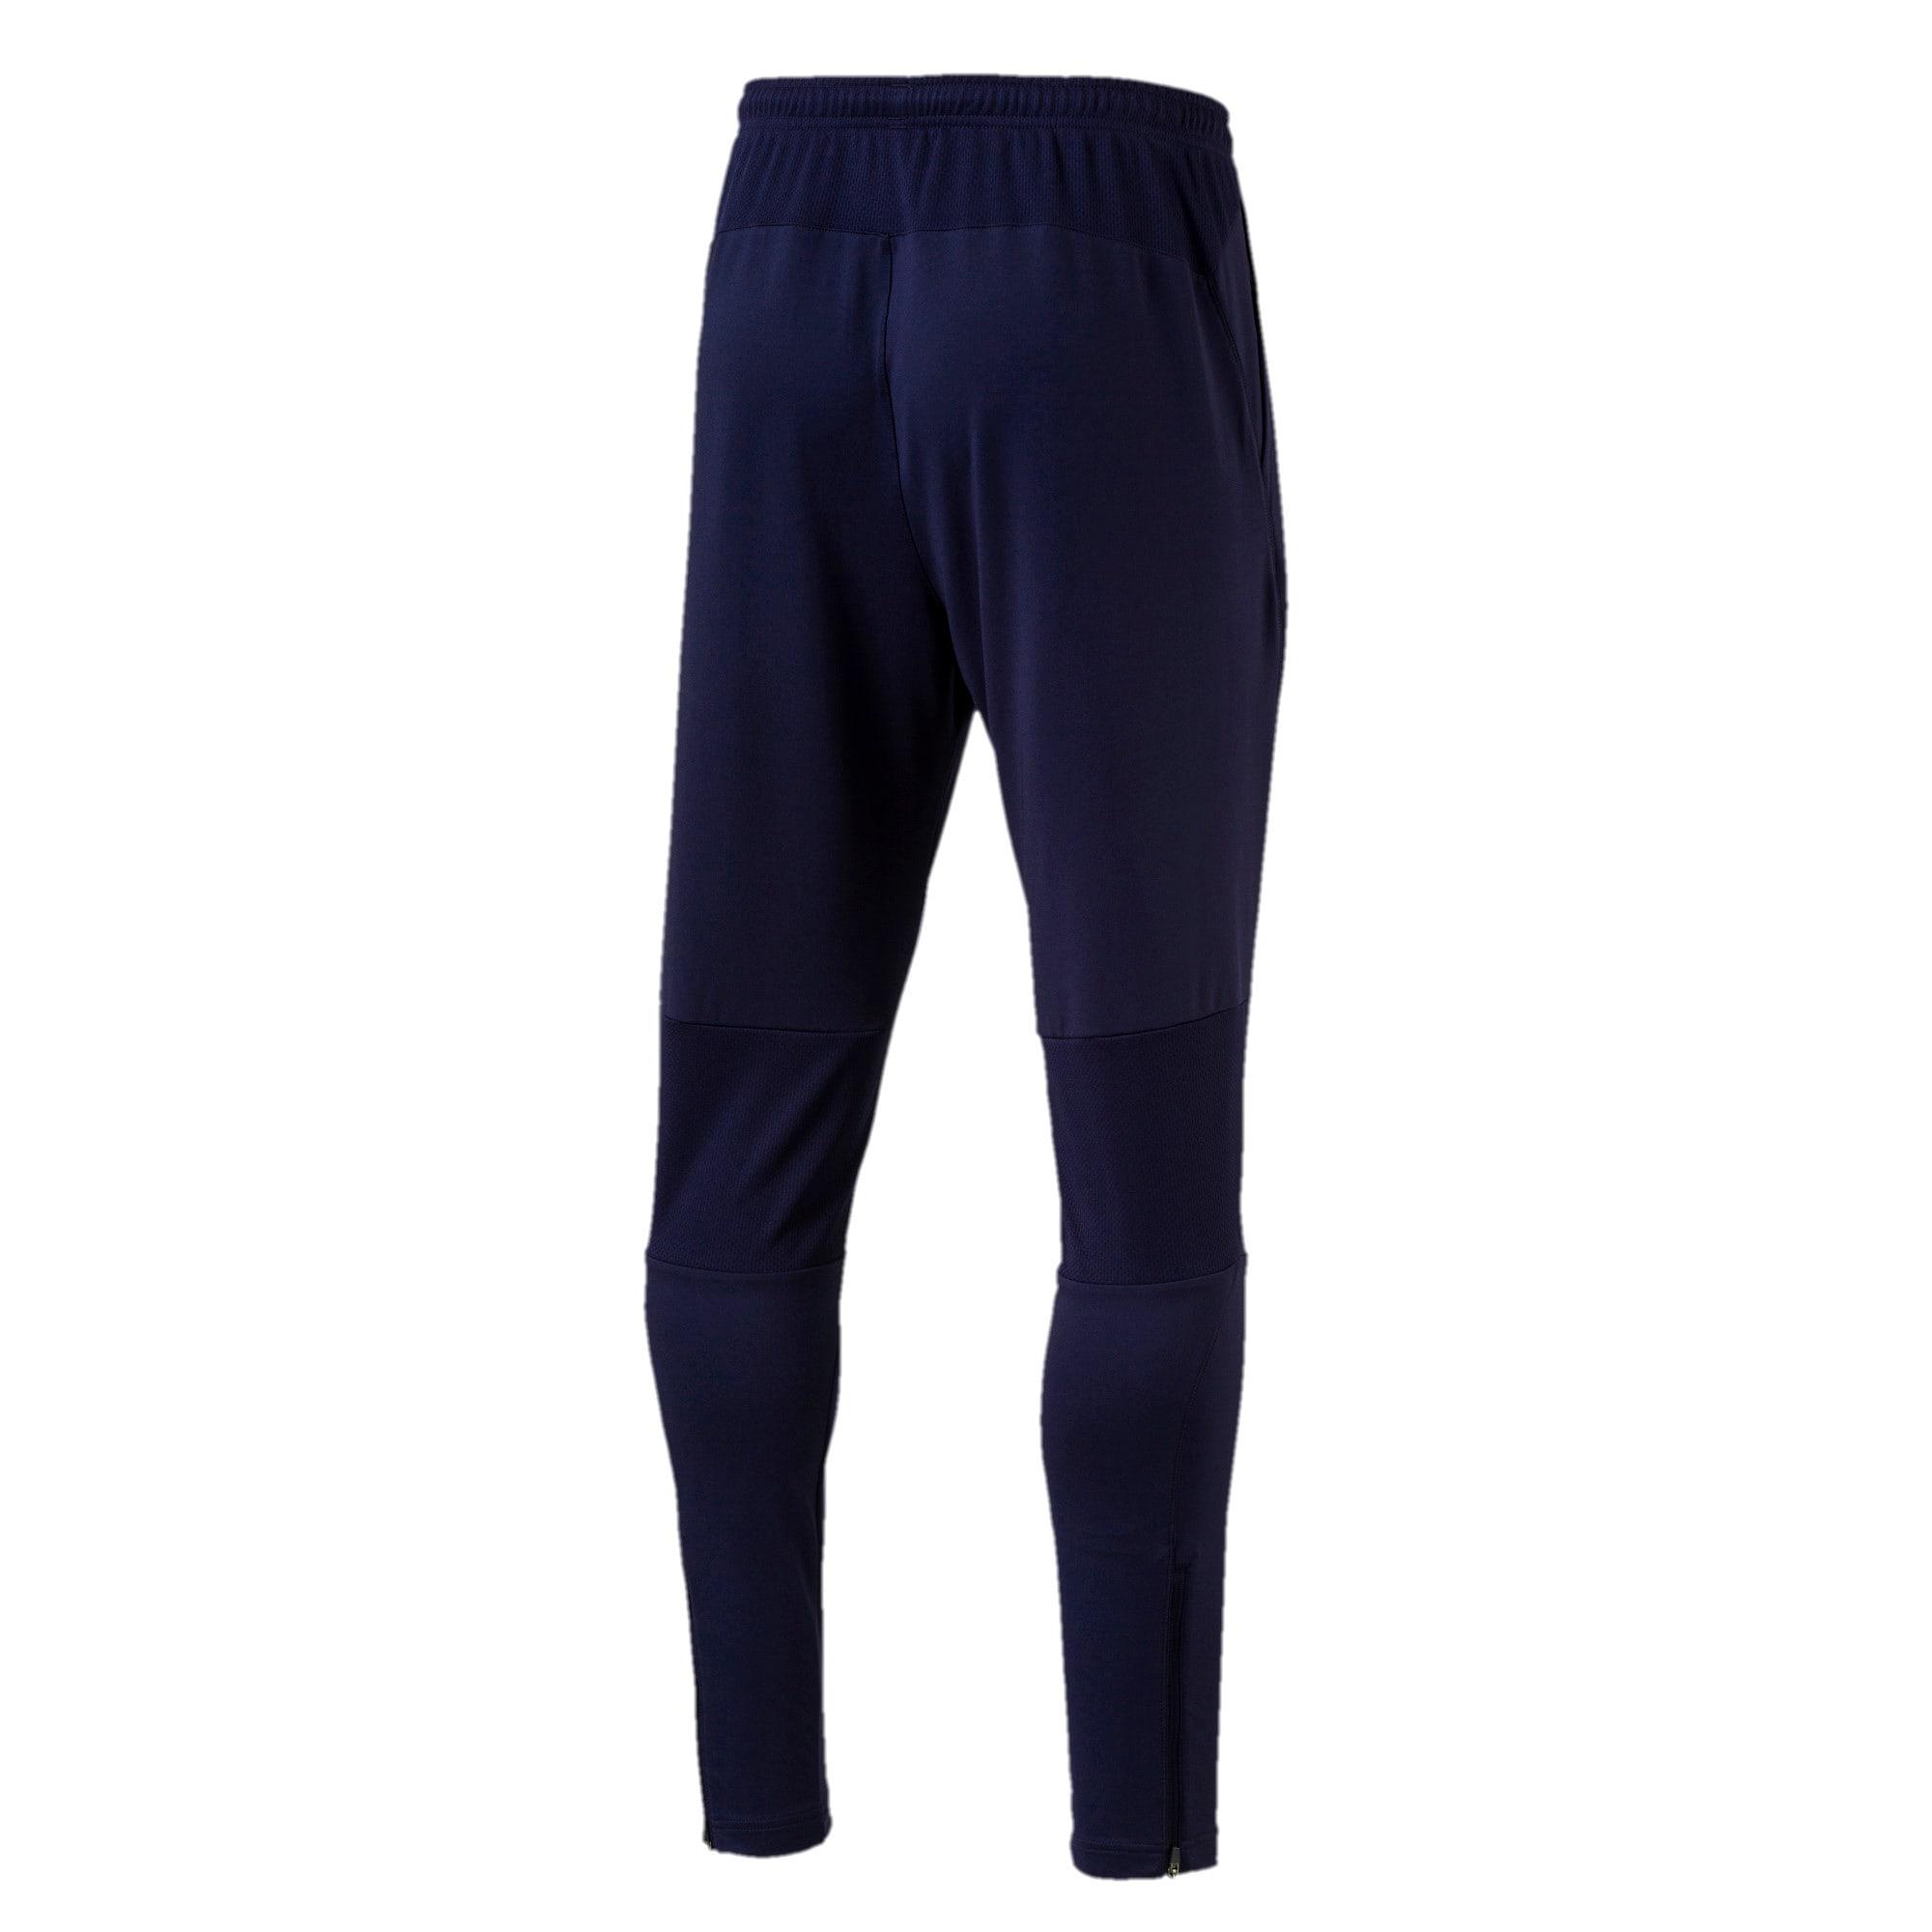 Thumbnail 4 of Italia Training Pants Zipped Pockets, Peacoat, medium